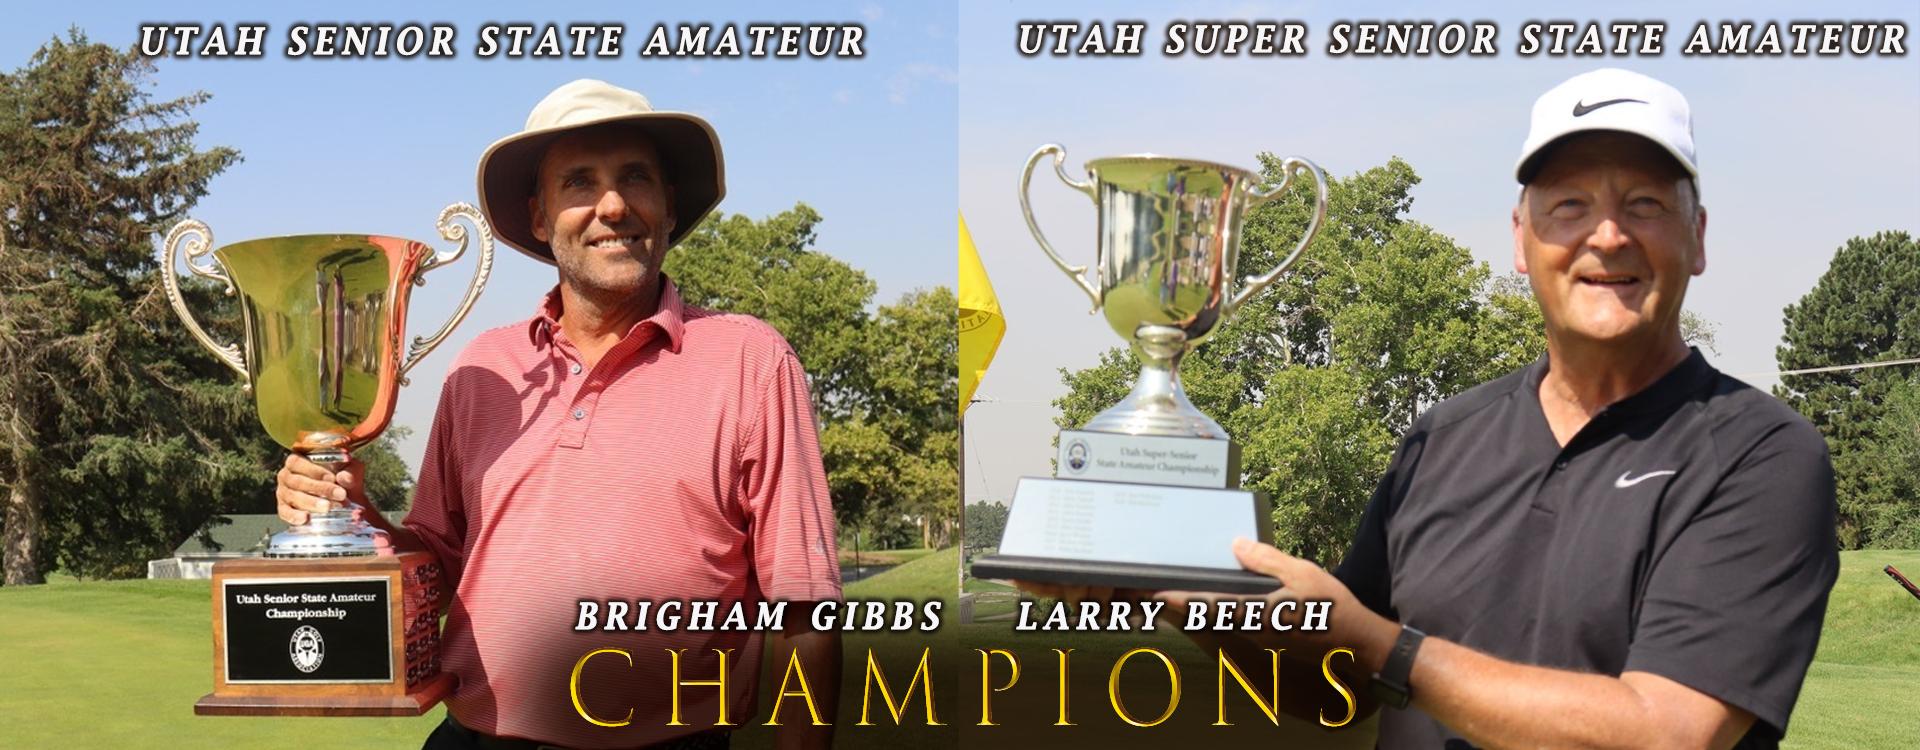 Senior-&-Super-Senior-State-Am-Champions